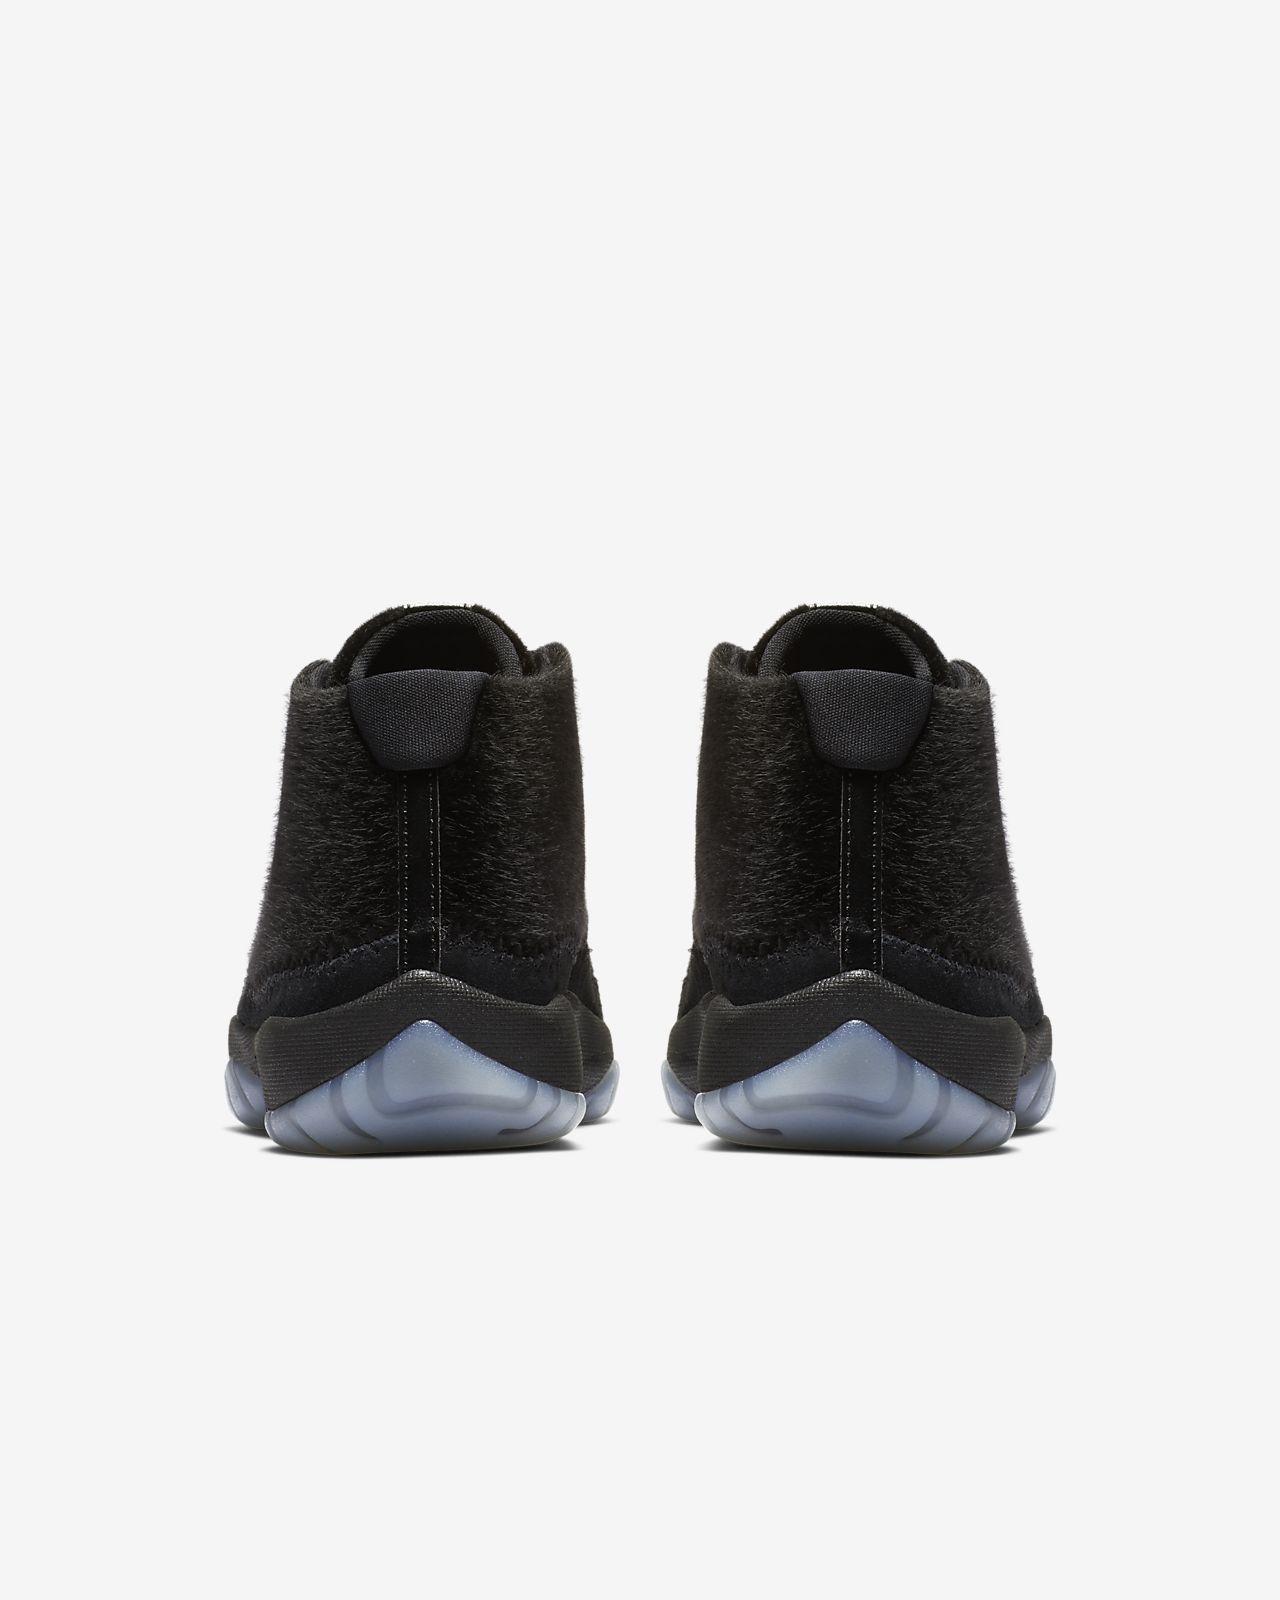 meilleure sélection 10ea6 d9c0a Chaussure Air Jordan Future pour Femme